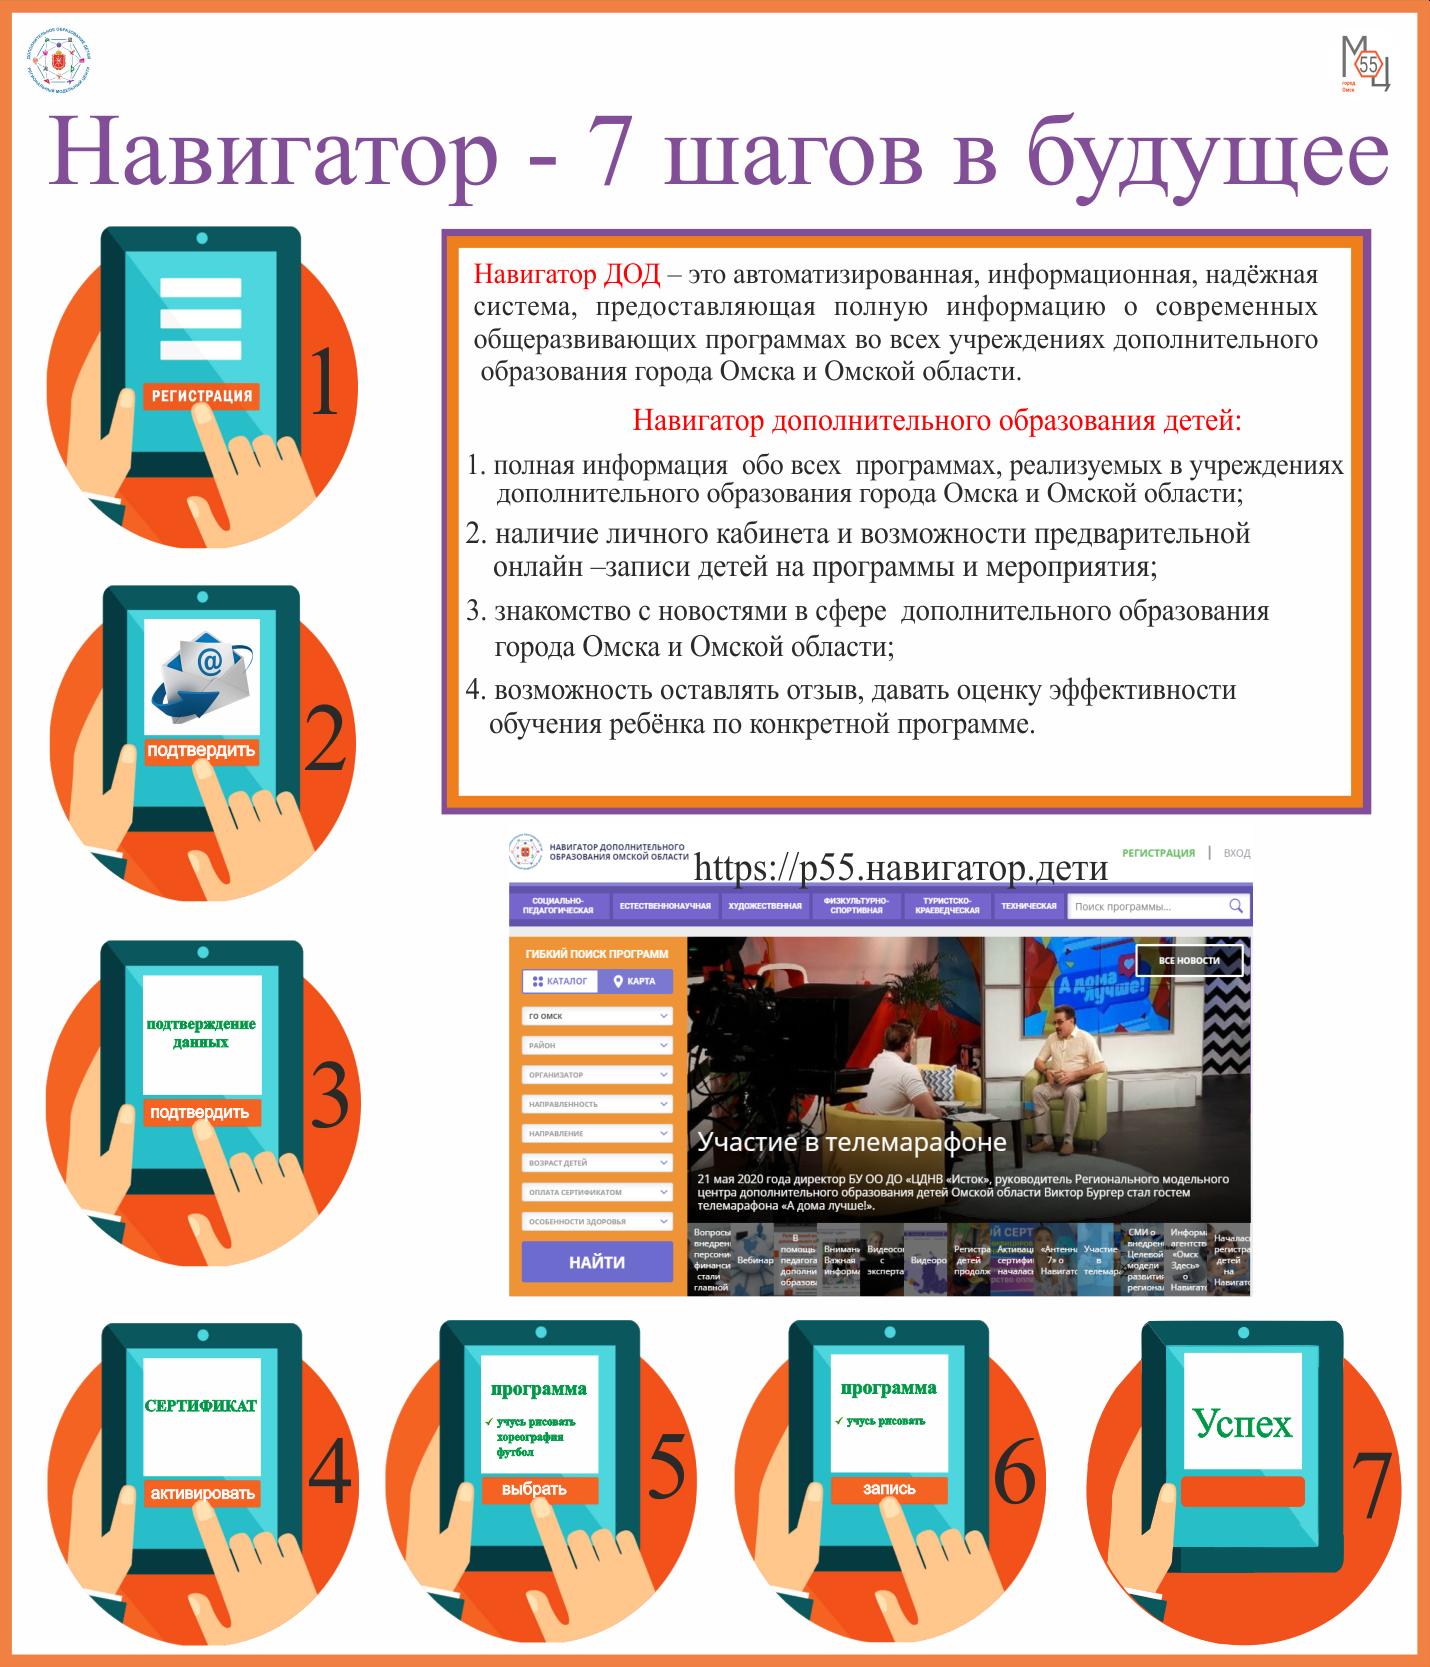 Навигатор дополнительного образования Омской области